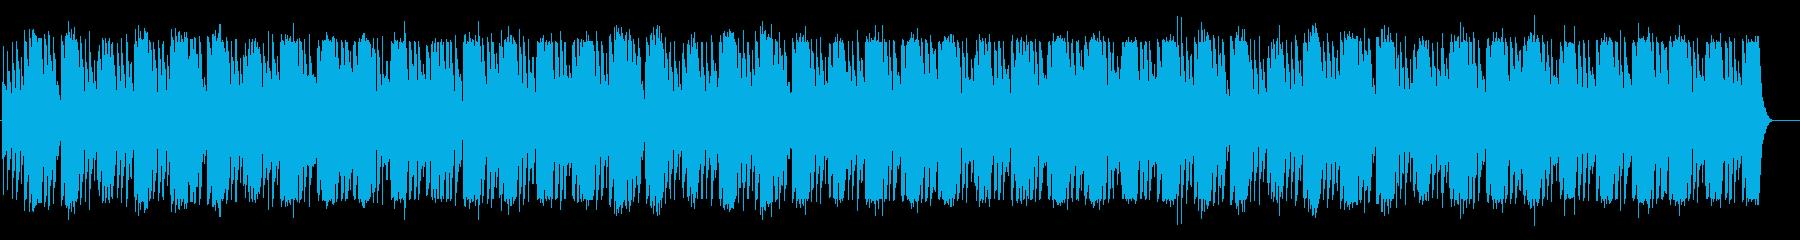 小雨の憂鬱・オルゴール・ベル系BGMの再生済みの波形